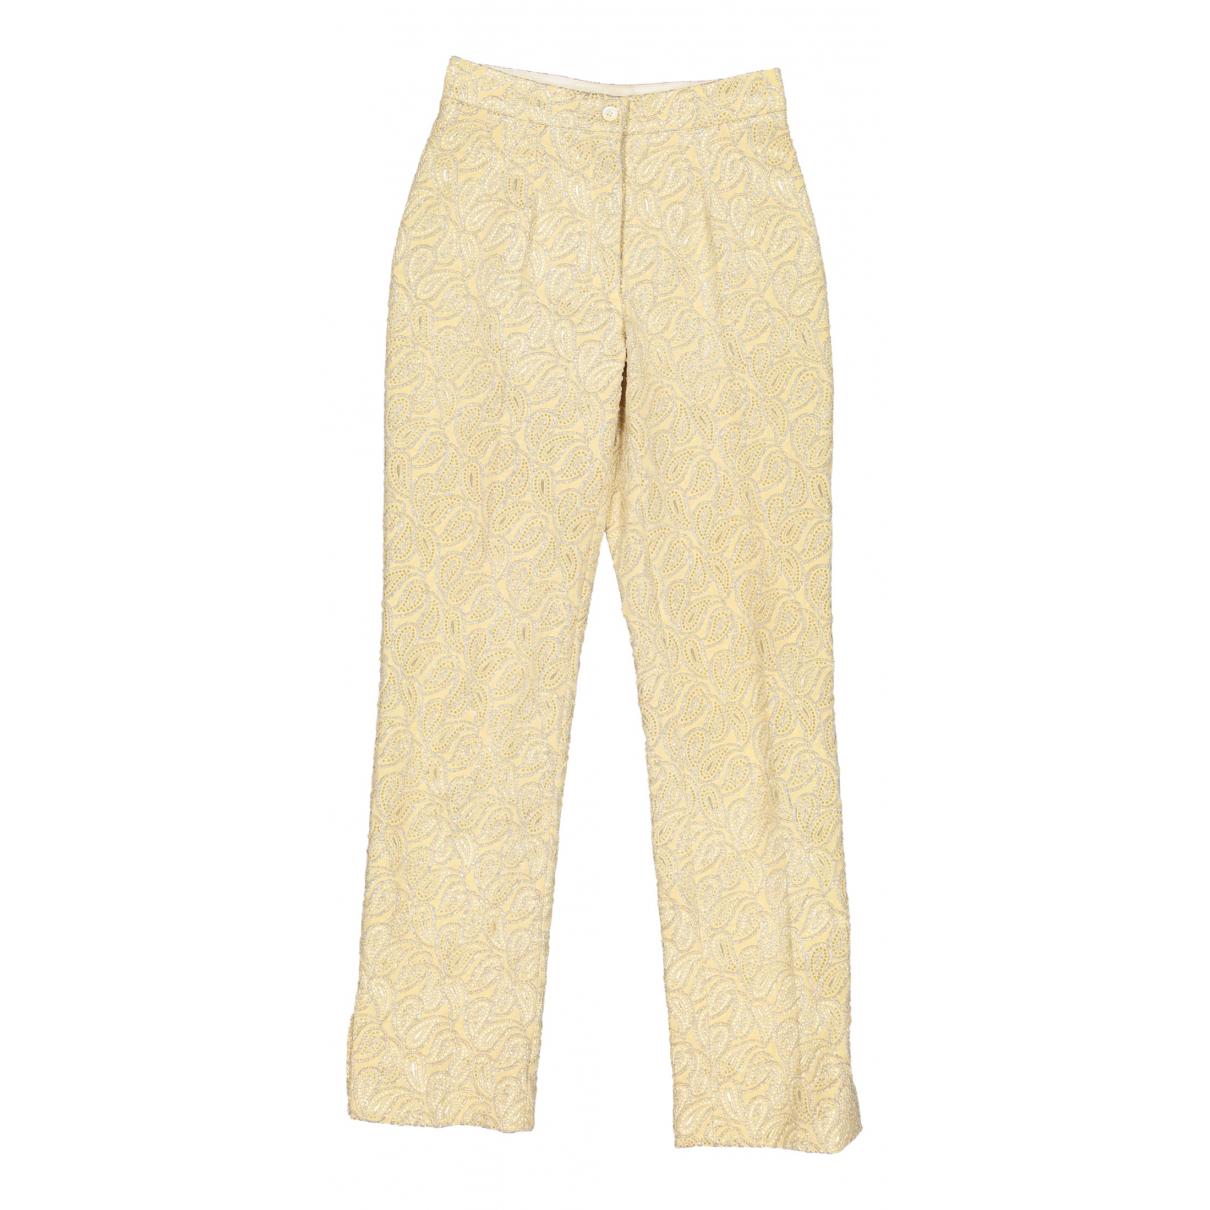 Pantalon recto Celine